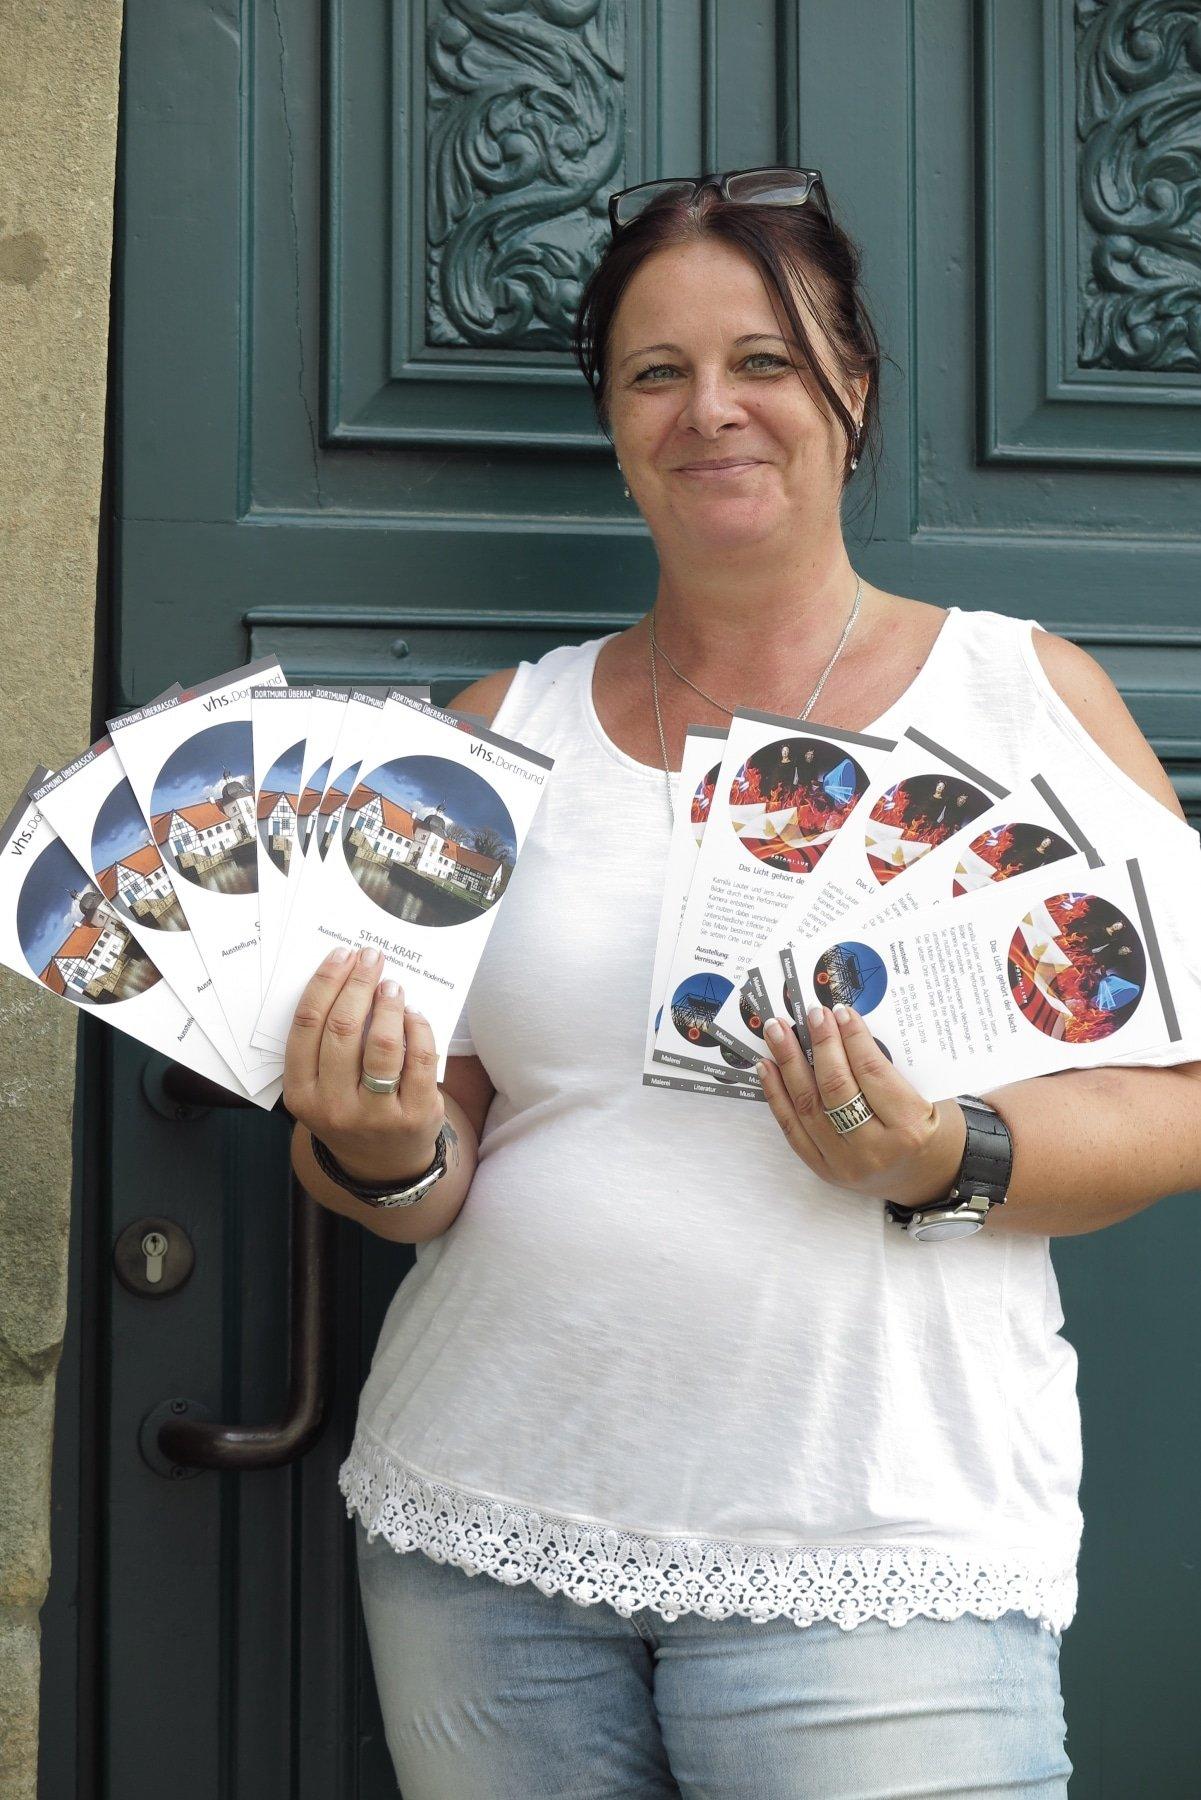 Anette Göke freut sich auf die zahlreichen Ausstellungen. (Foto: IN-StadtMagazine)